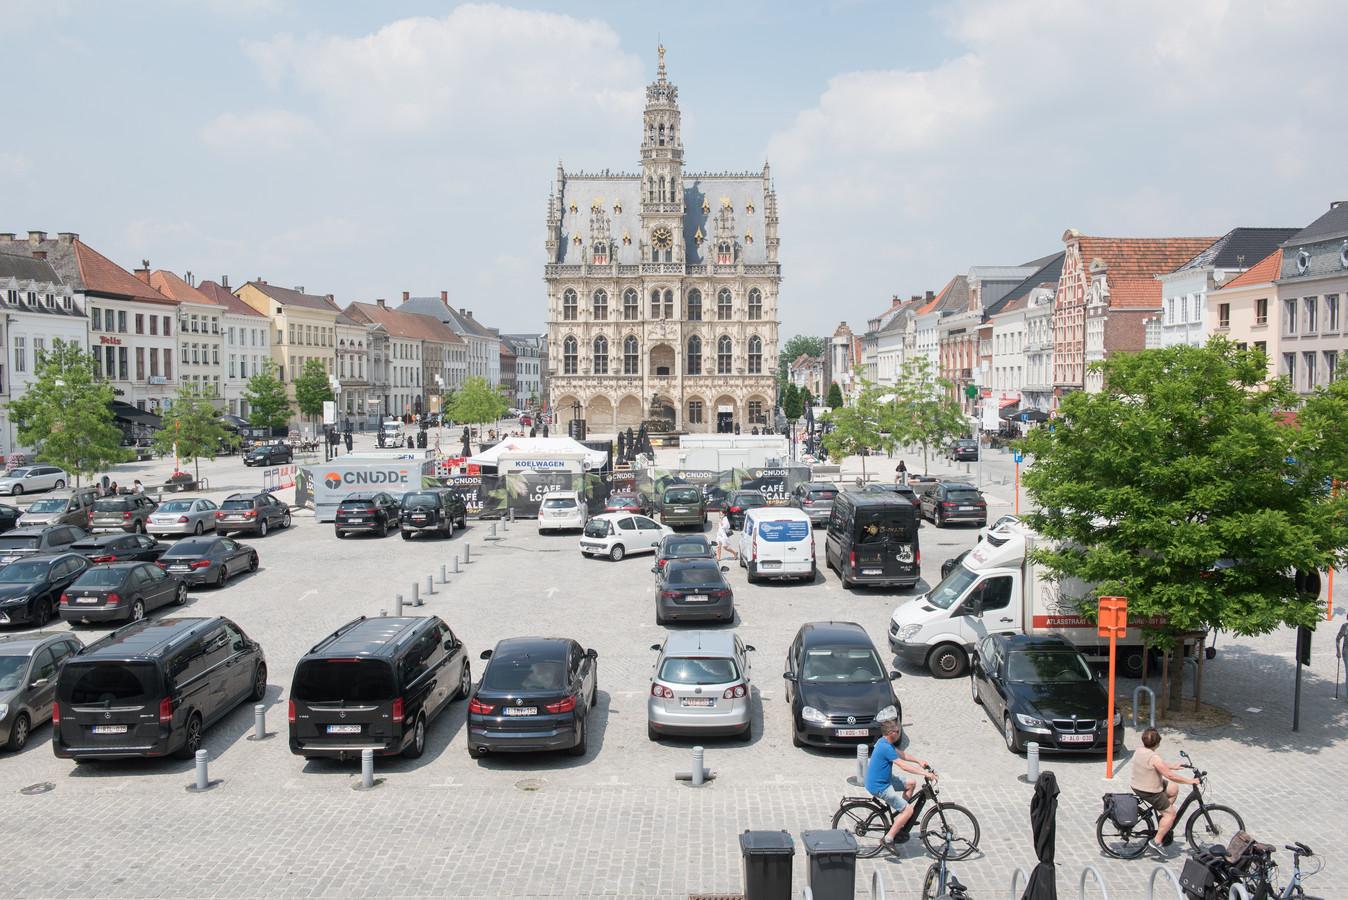 Dat het goed wonen is in Oudenaarde lijkt wel de rode draad door de resultaten van het onderzoek.